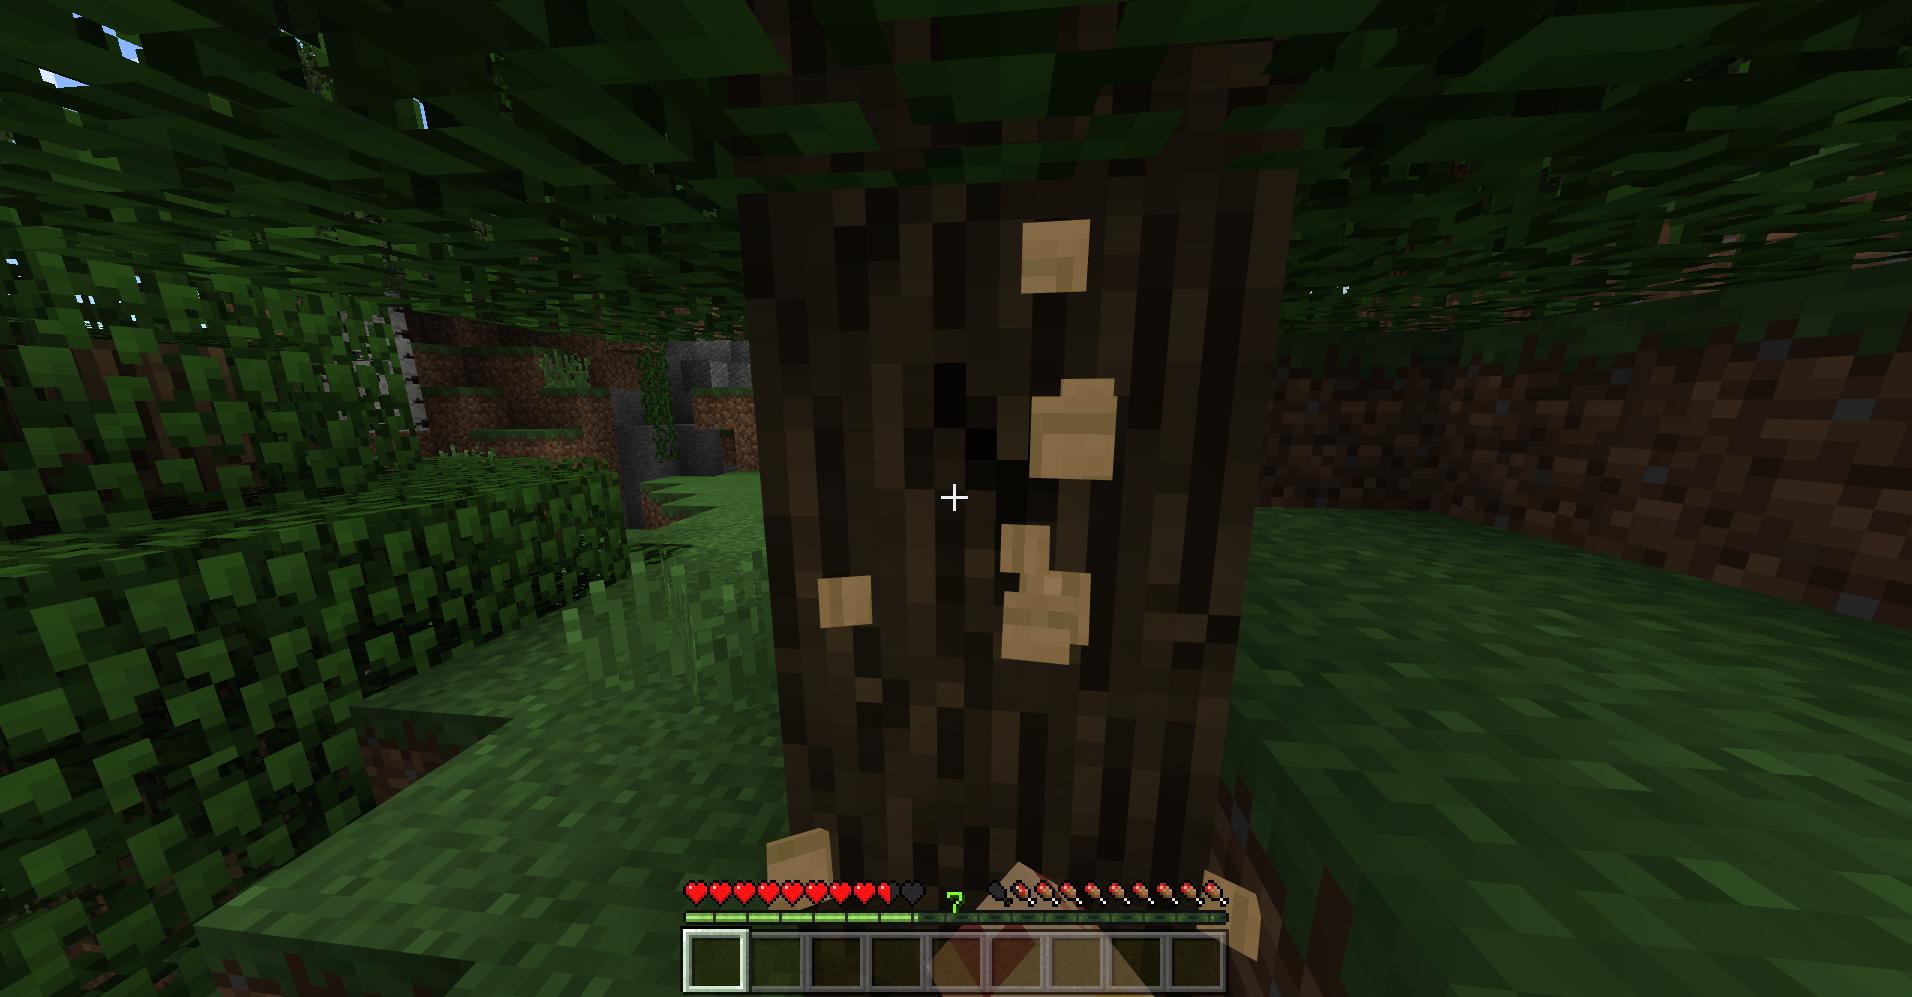 wat eten paarden in minecraft